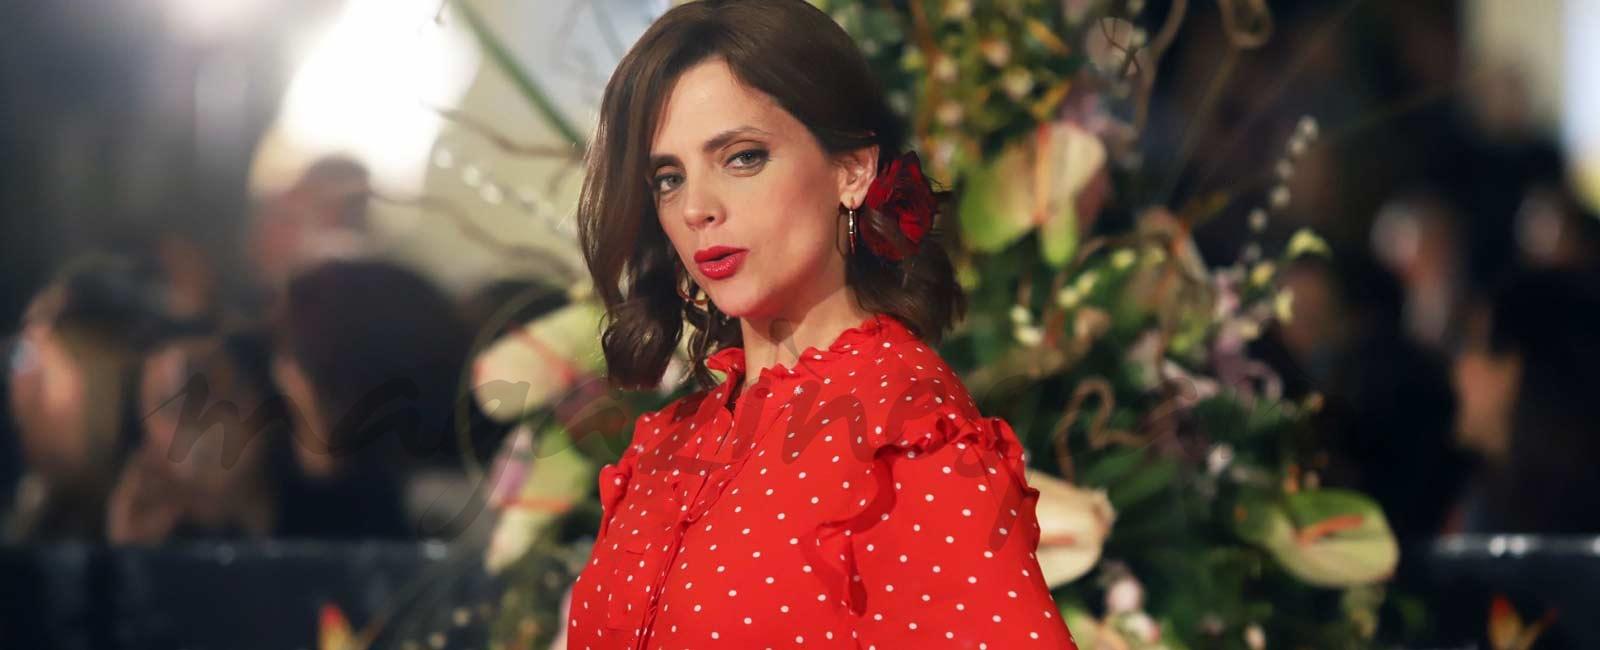 Macarena Gómez recibe el Premio Talento Andaluz con un look muy «flamenco»